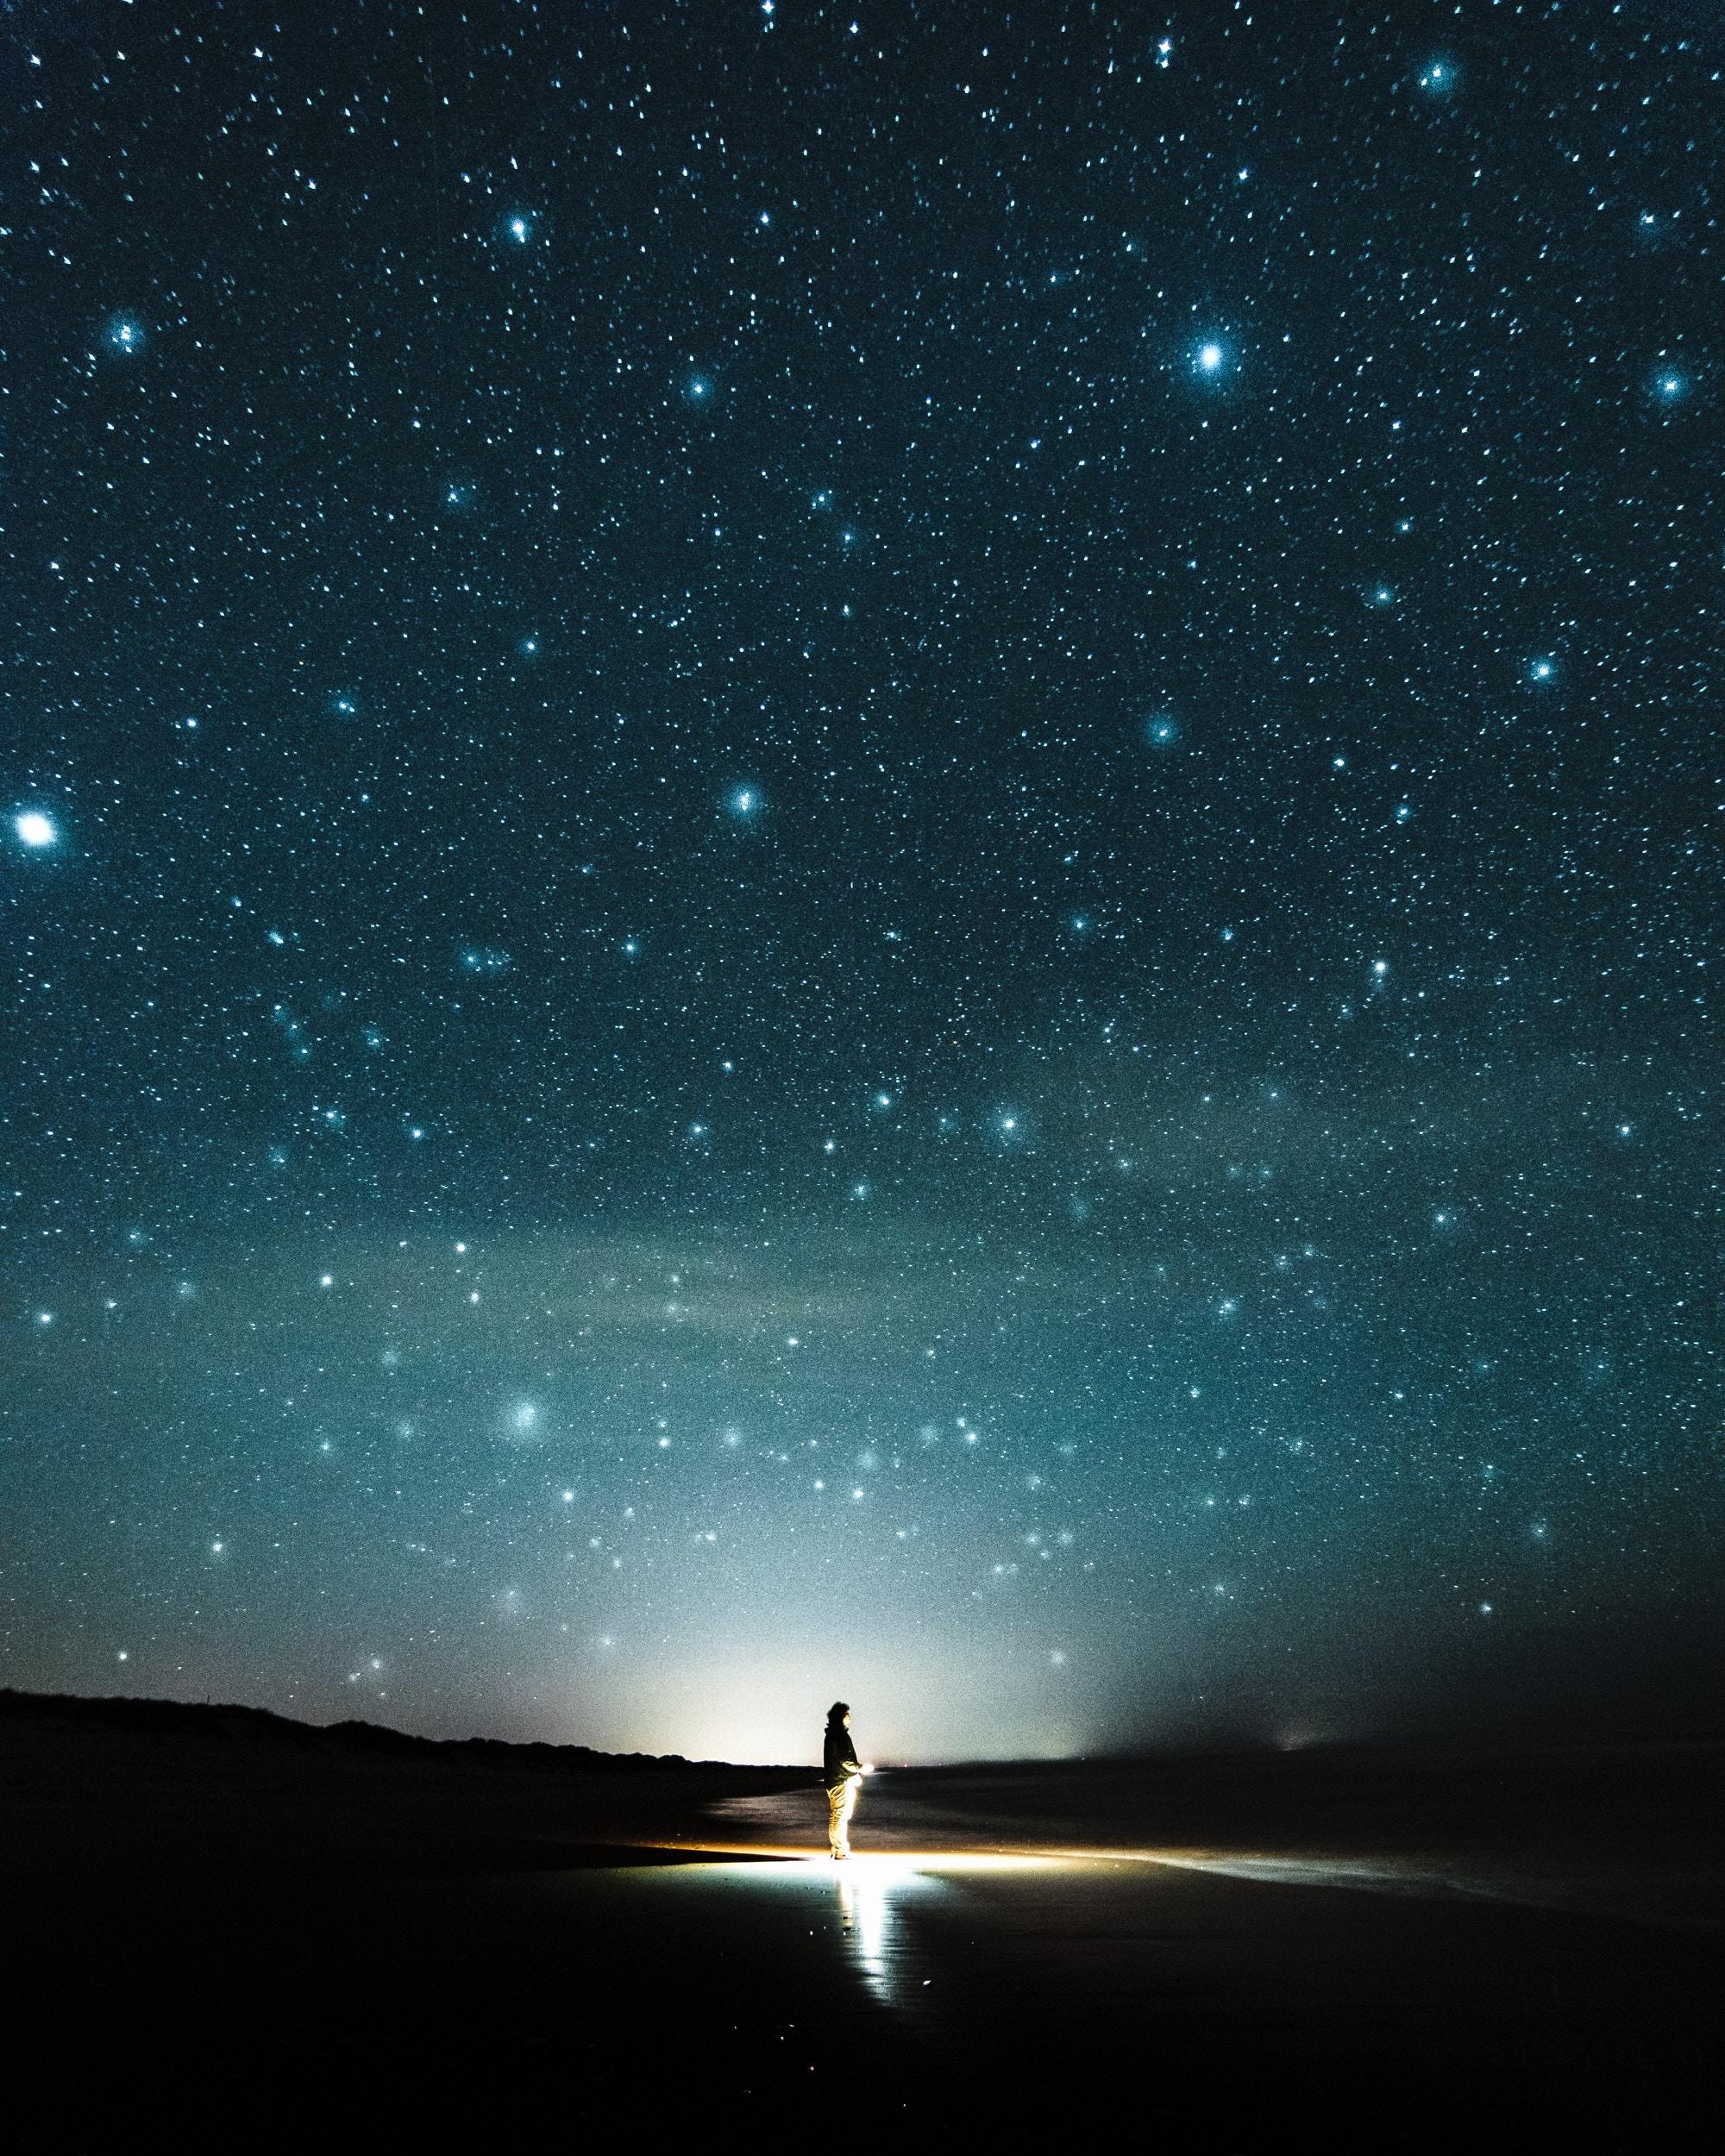 Ich will Sterne sehen: 10 Wege wie man die wunderschönsten Sterne sehen kann